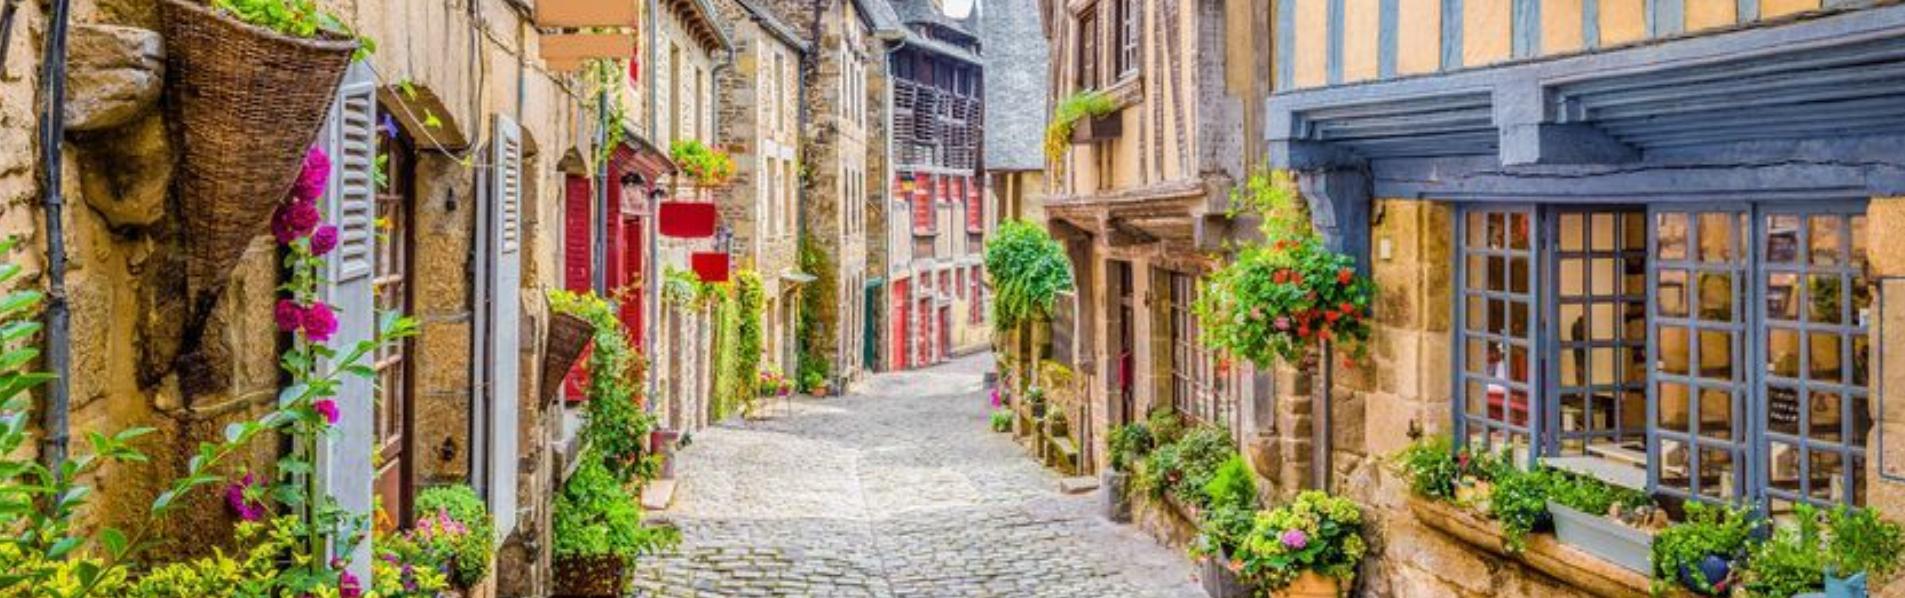 Les meilleures adresses pour goûter les spécialités bretonnes